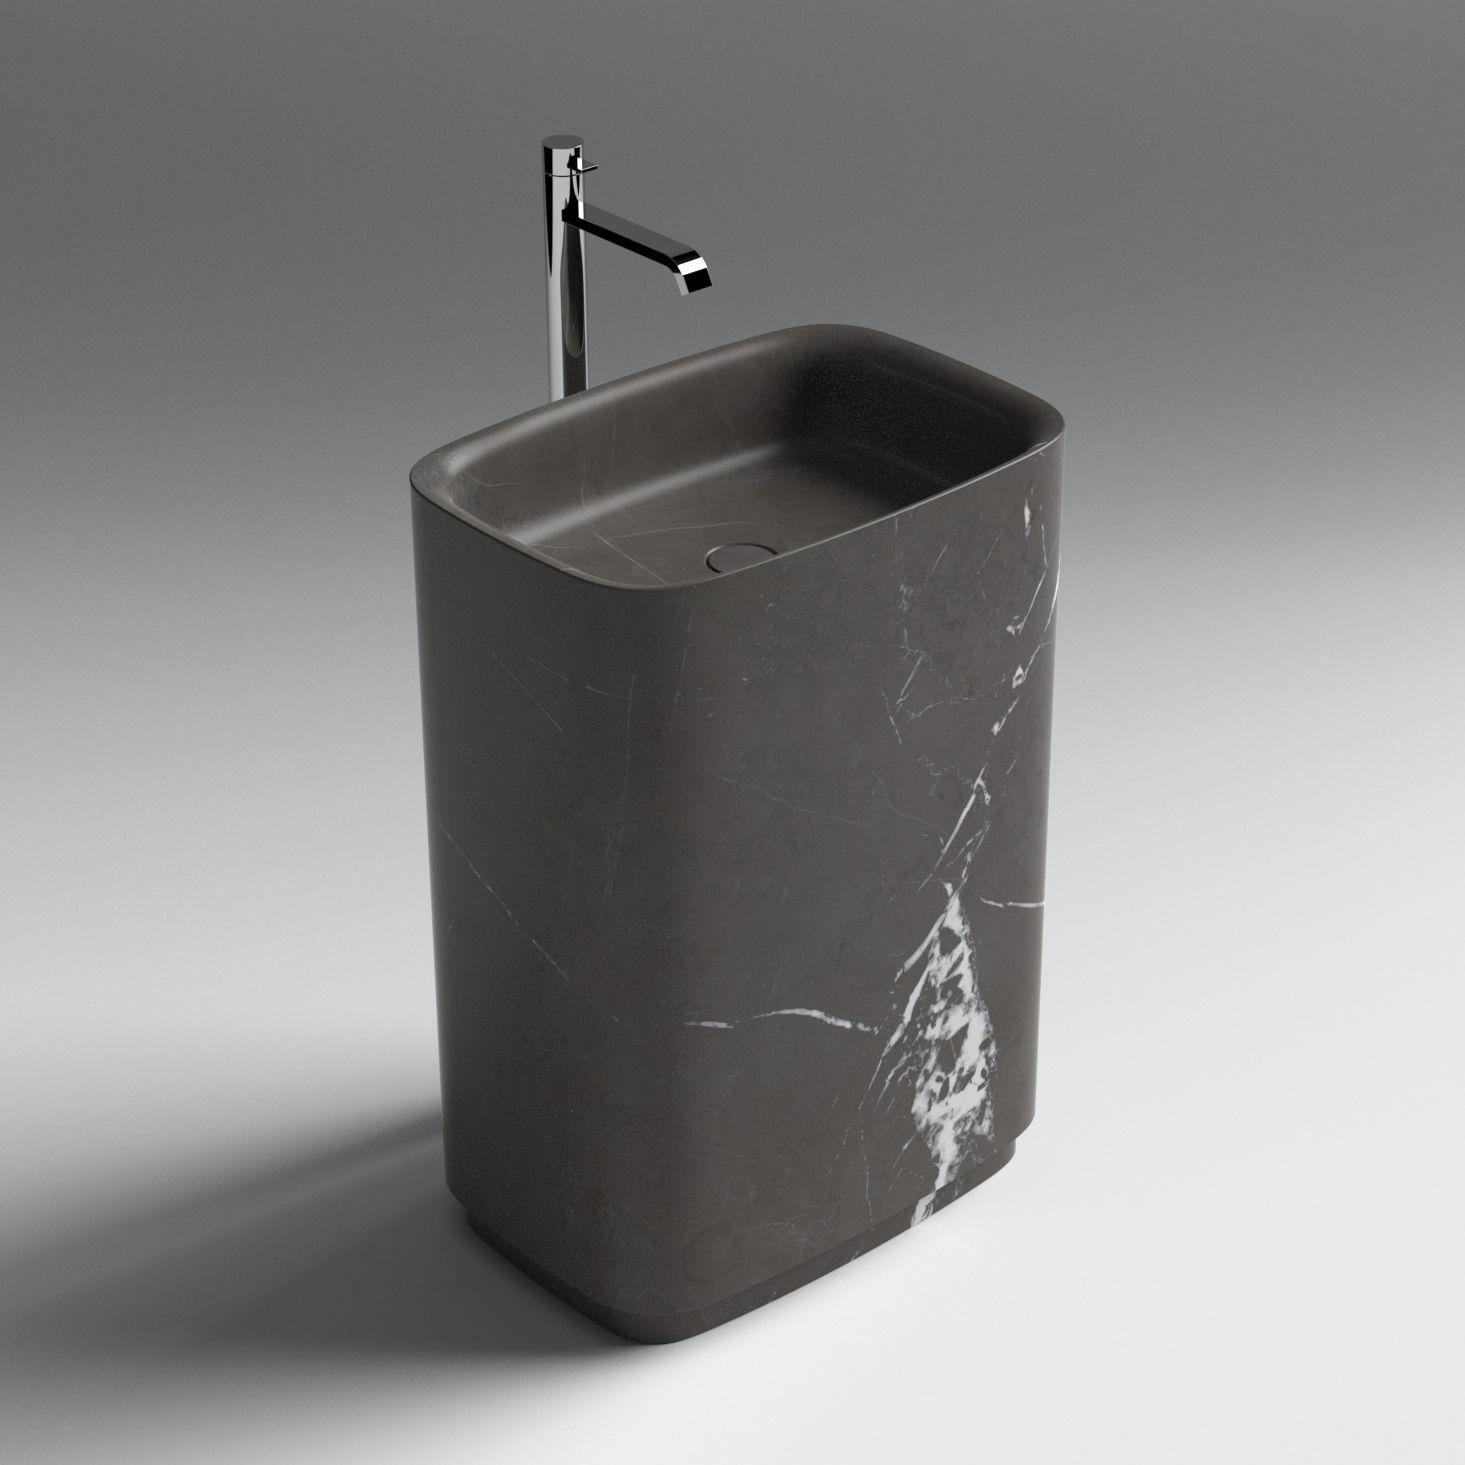 Waschbecken freistehend naturstein  Freistehend-Waschbecken / ander Form / aus Naturstein / modern ...